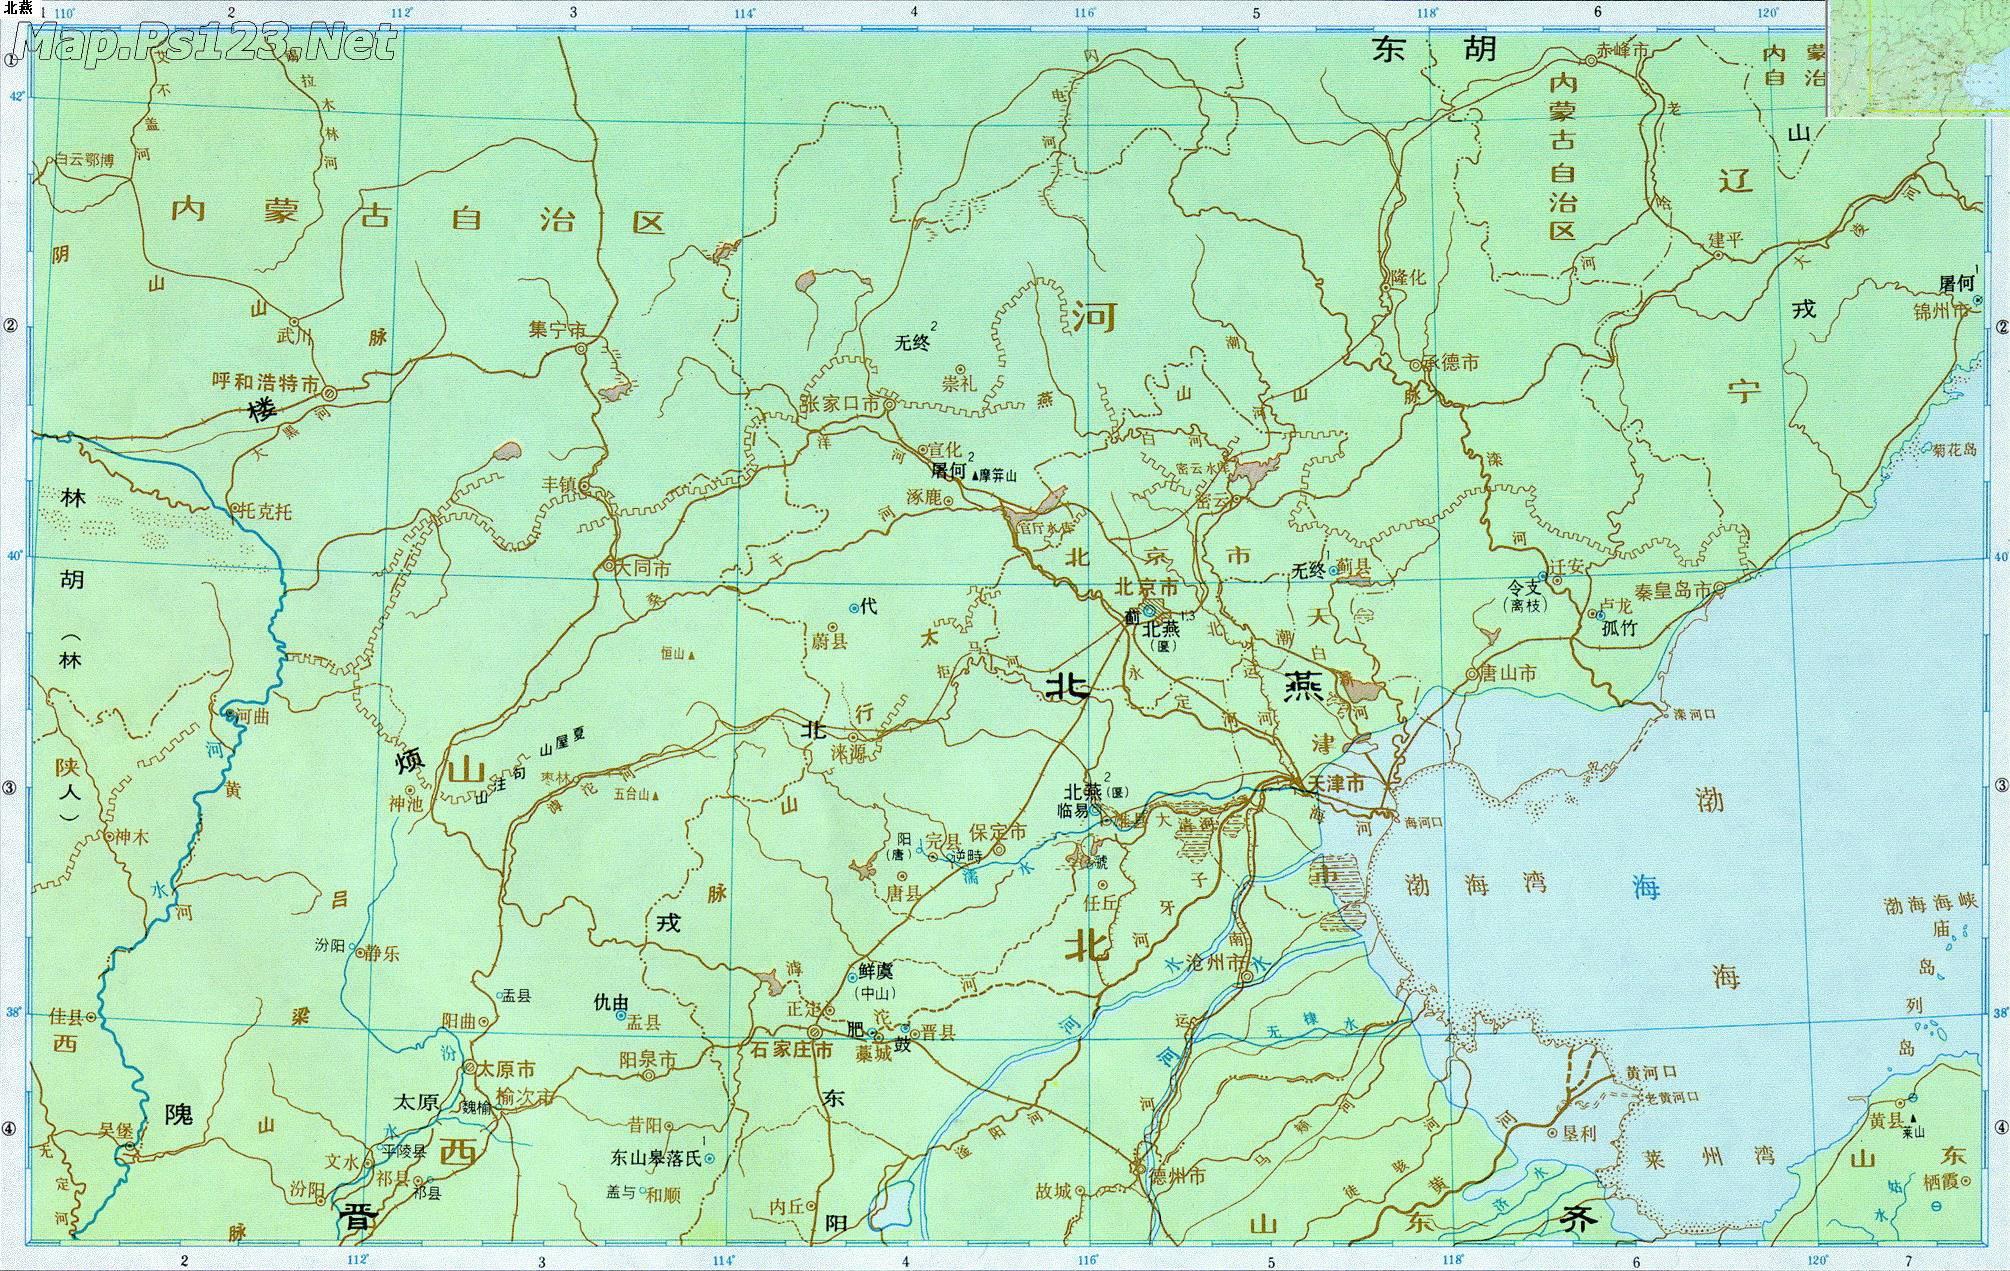 历史地图:北燕_中国历史地图查询